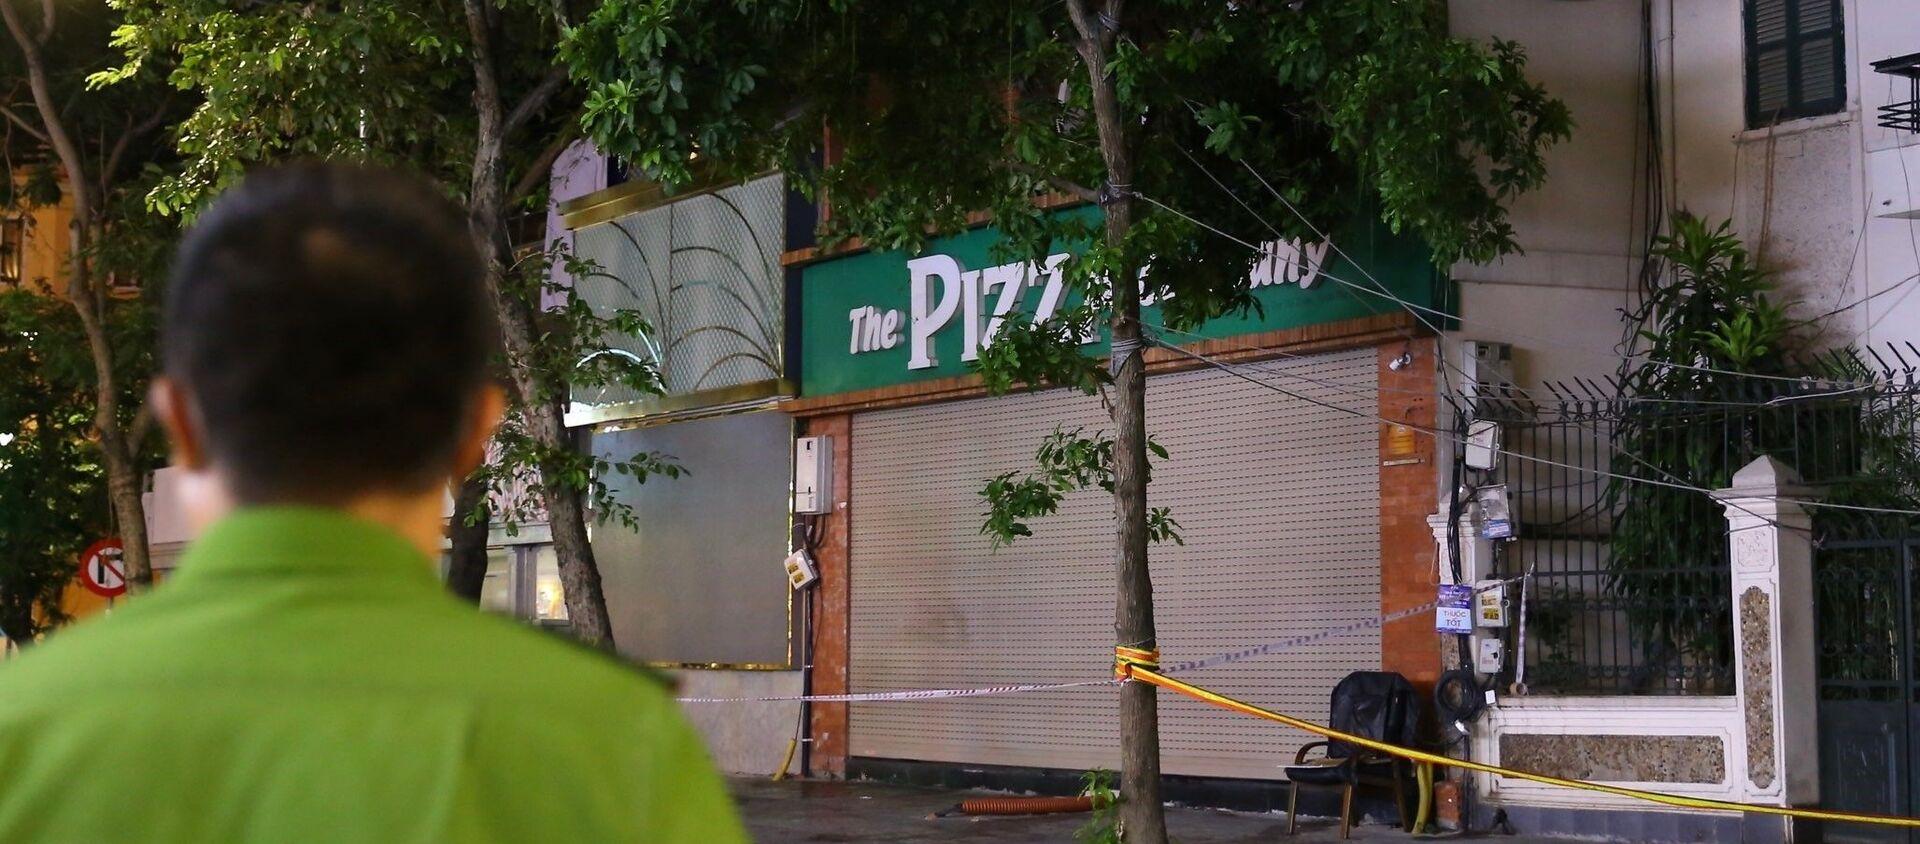 COVID-19: Hà Nội phong tỏa quán The Pizza company - Đoàn Trần Nghiệp - Sputnik Việt Nam, 1920, 16.07.2021